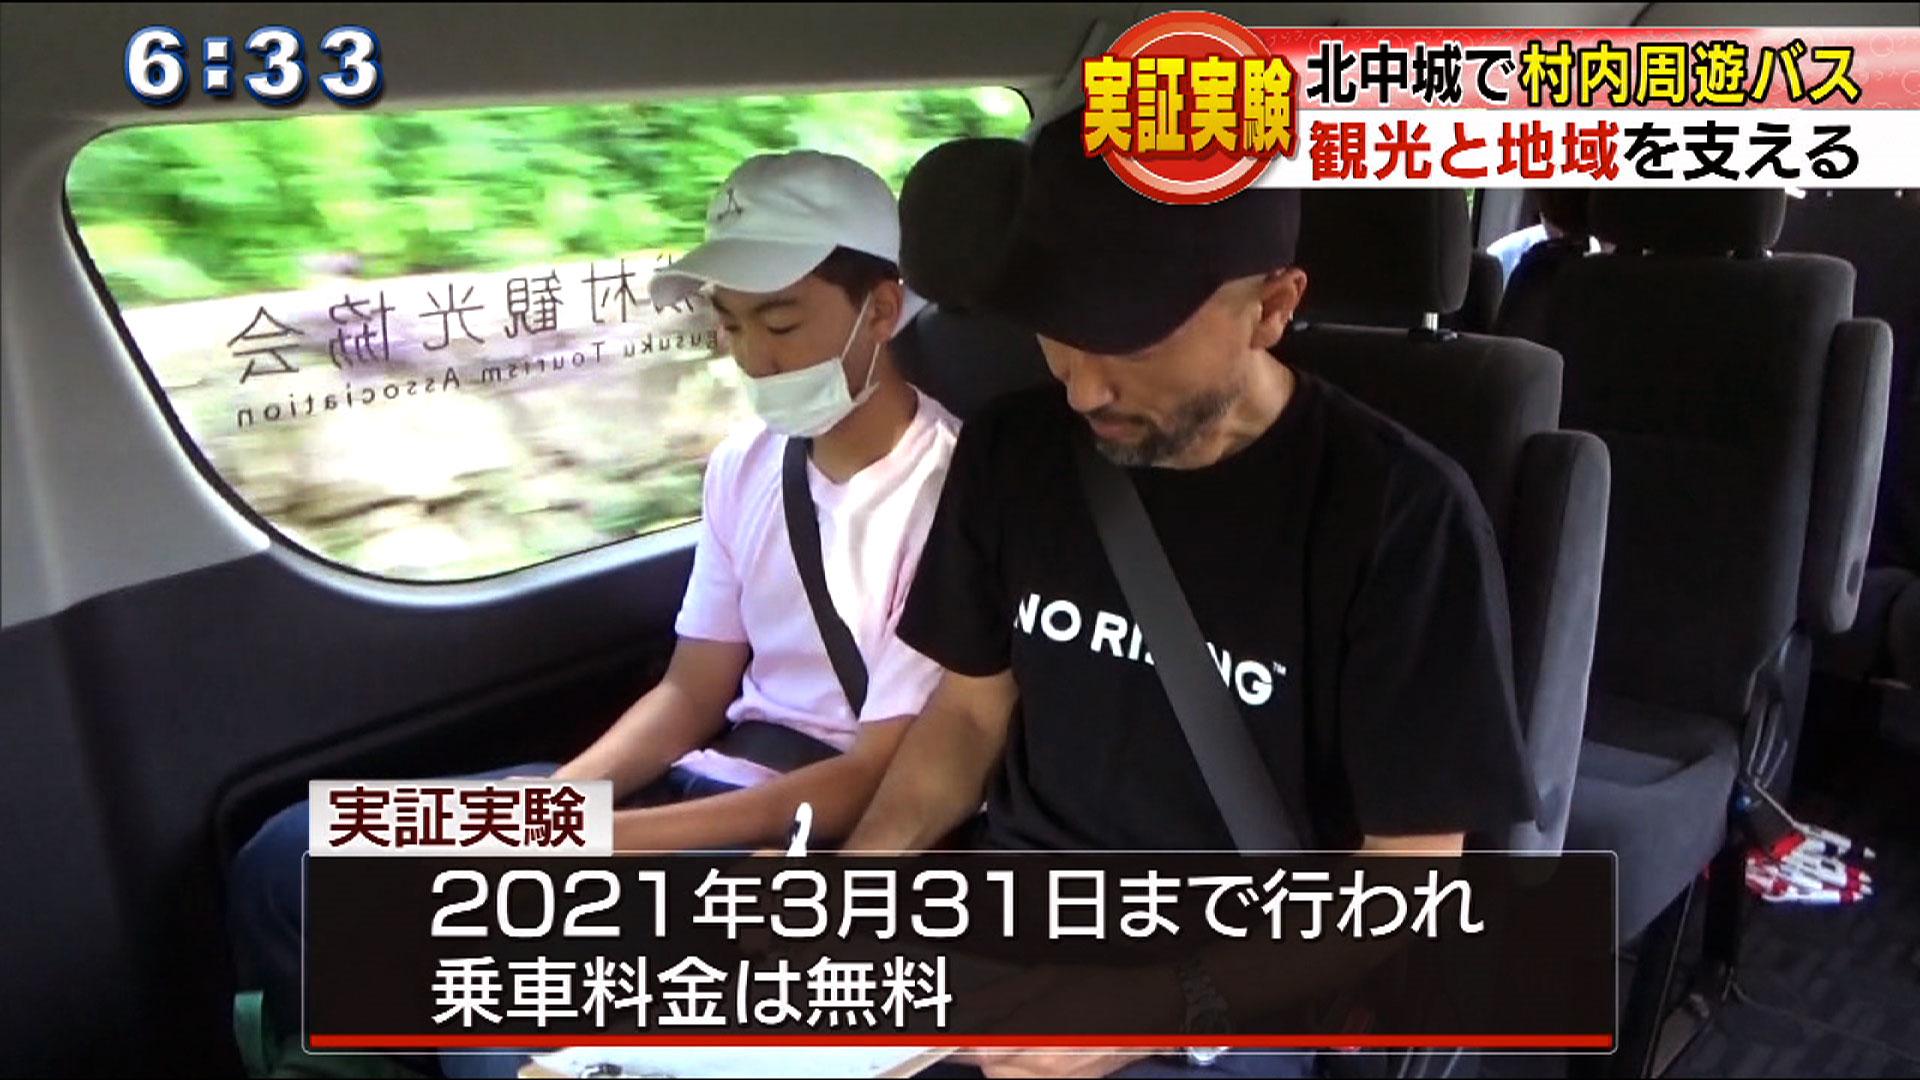 実証実験 北中城村 村内周遊バス運行